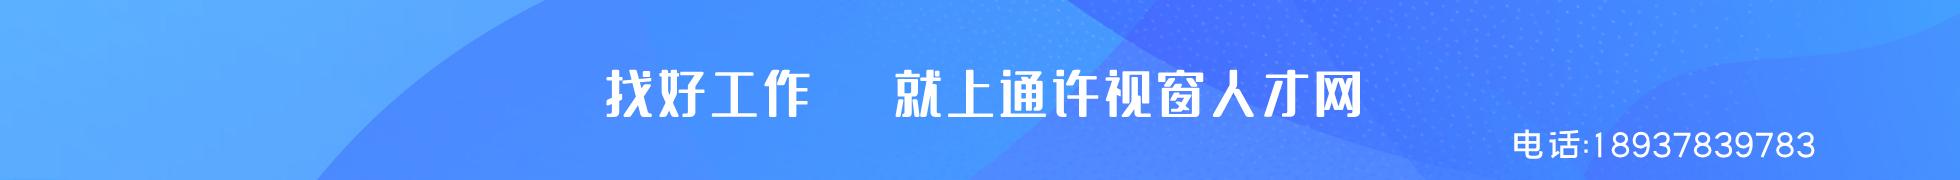 http://www.itongxu.cn/post/job/